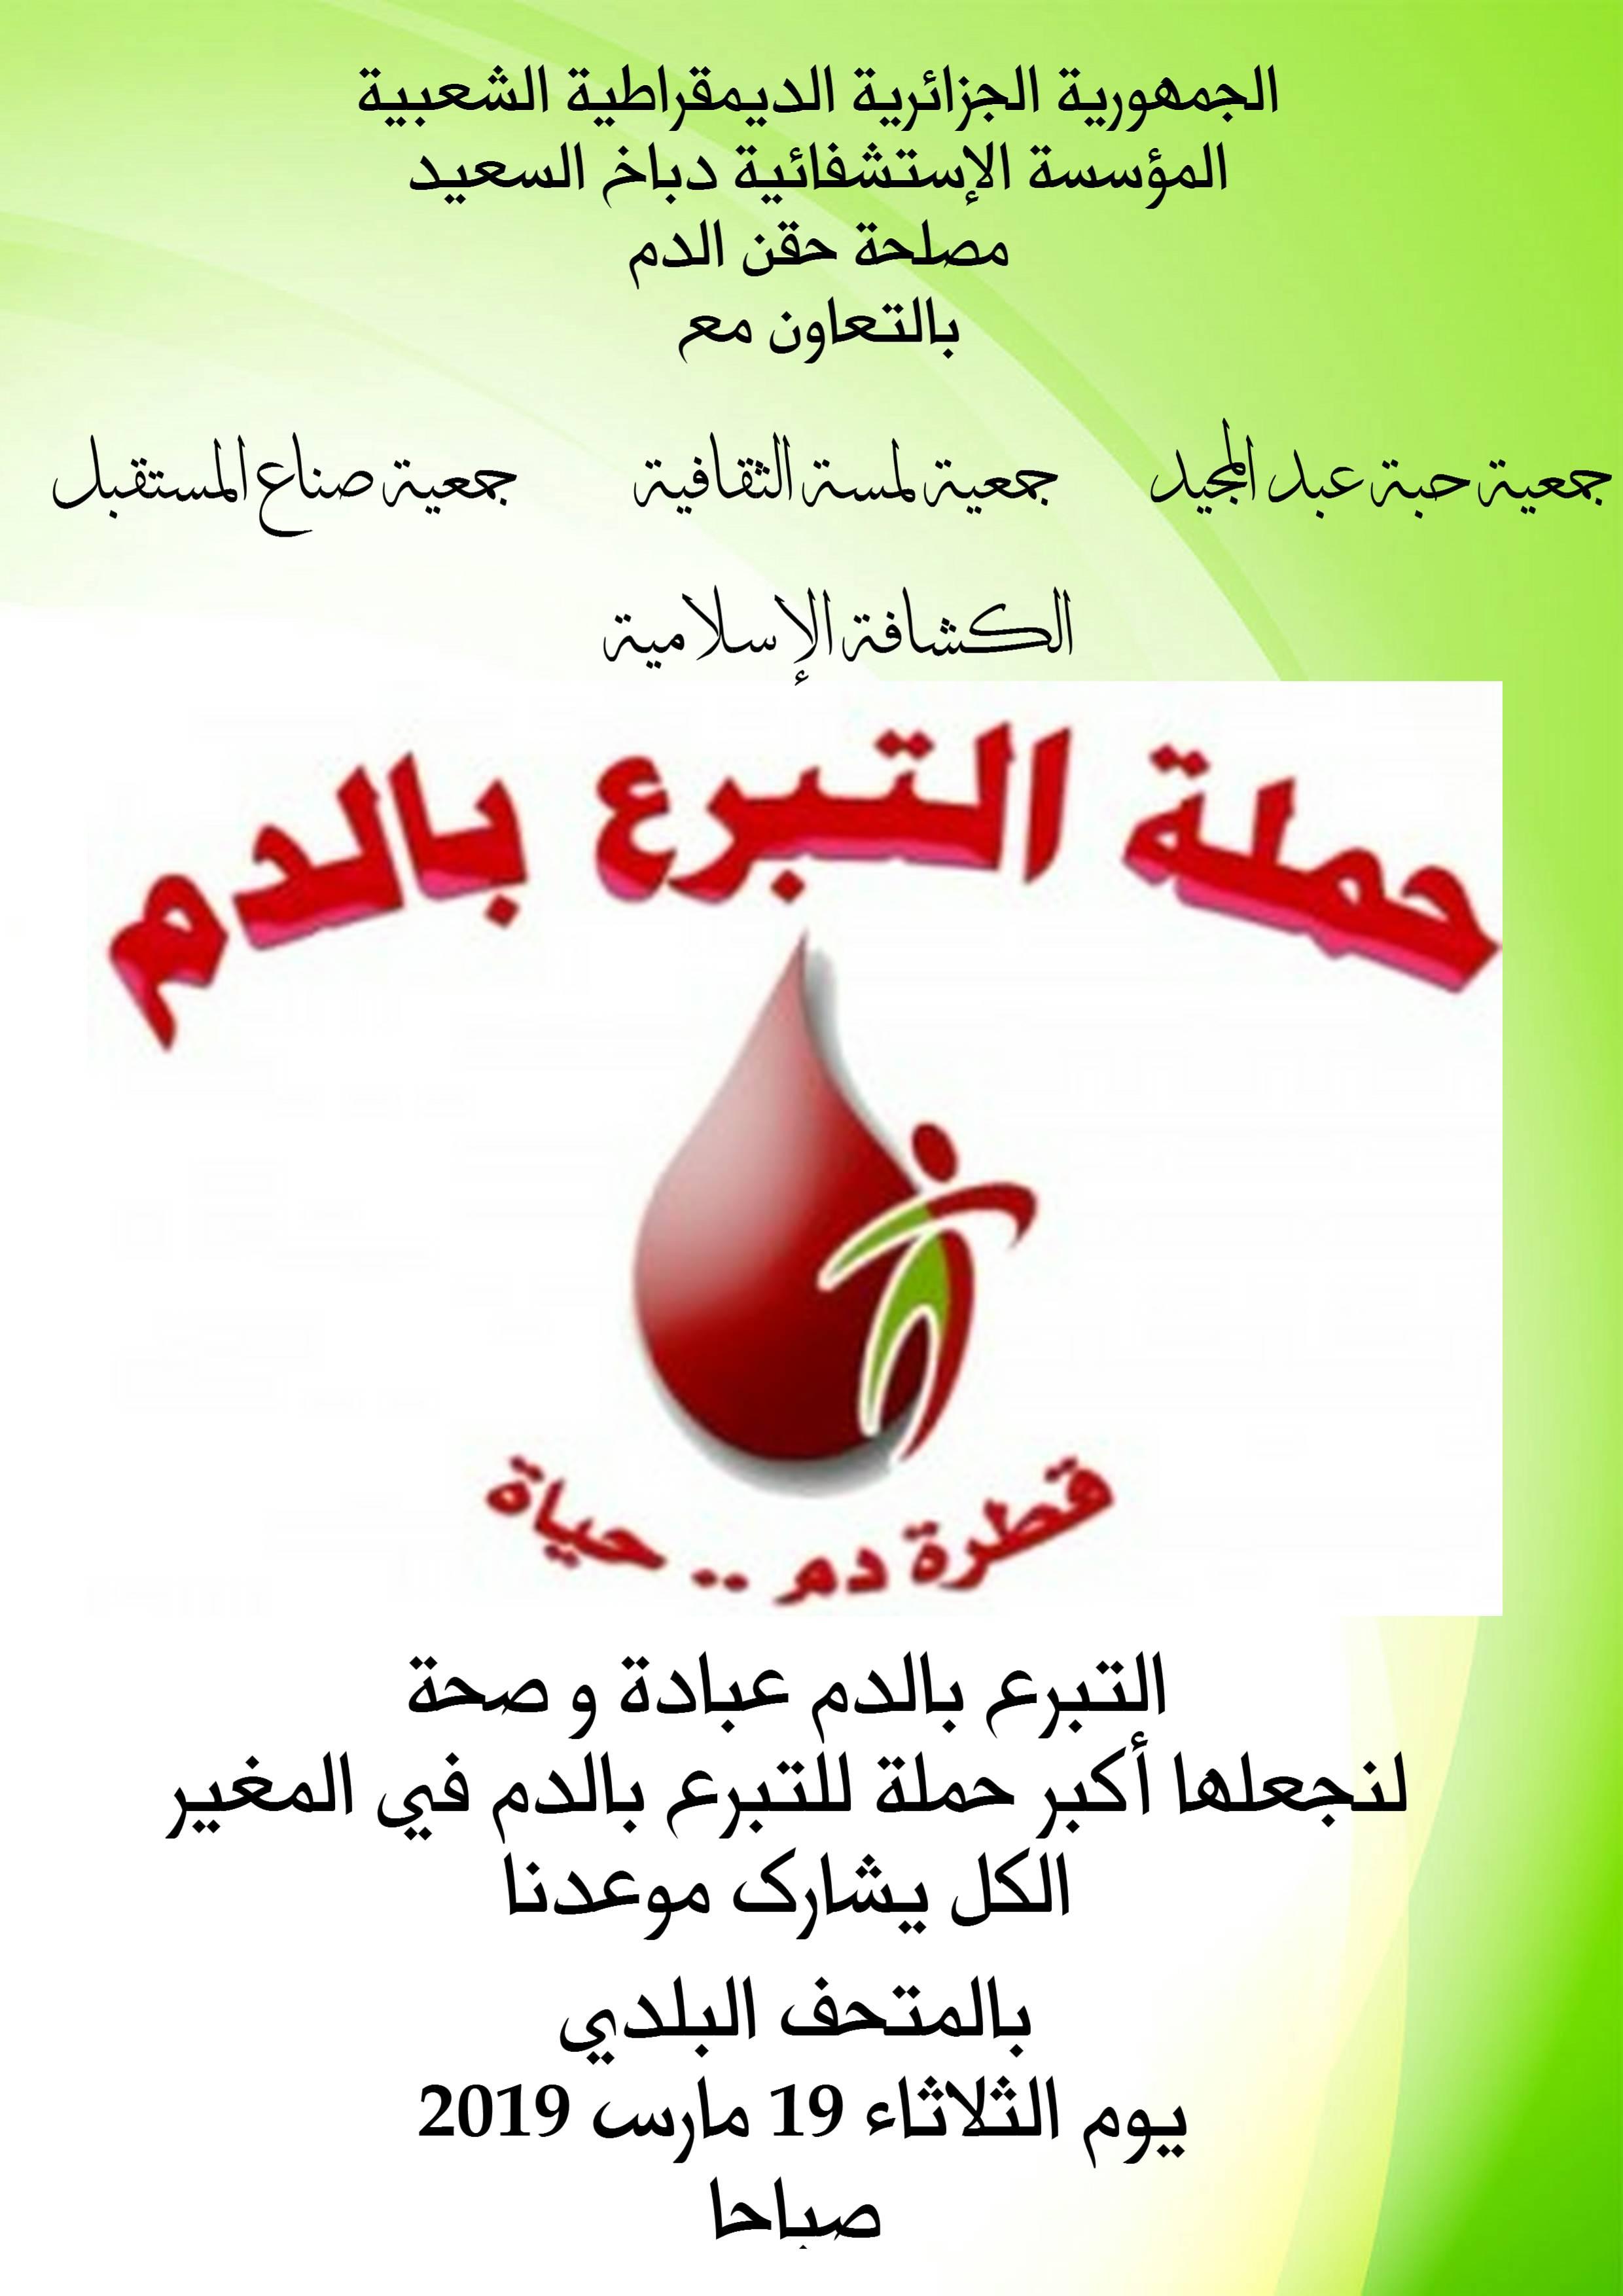 المشاركة في حملة للتبرع بالدم - جمعية لمسة الثقافية المغير